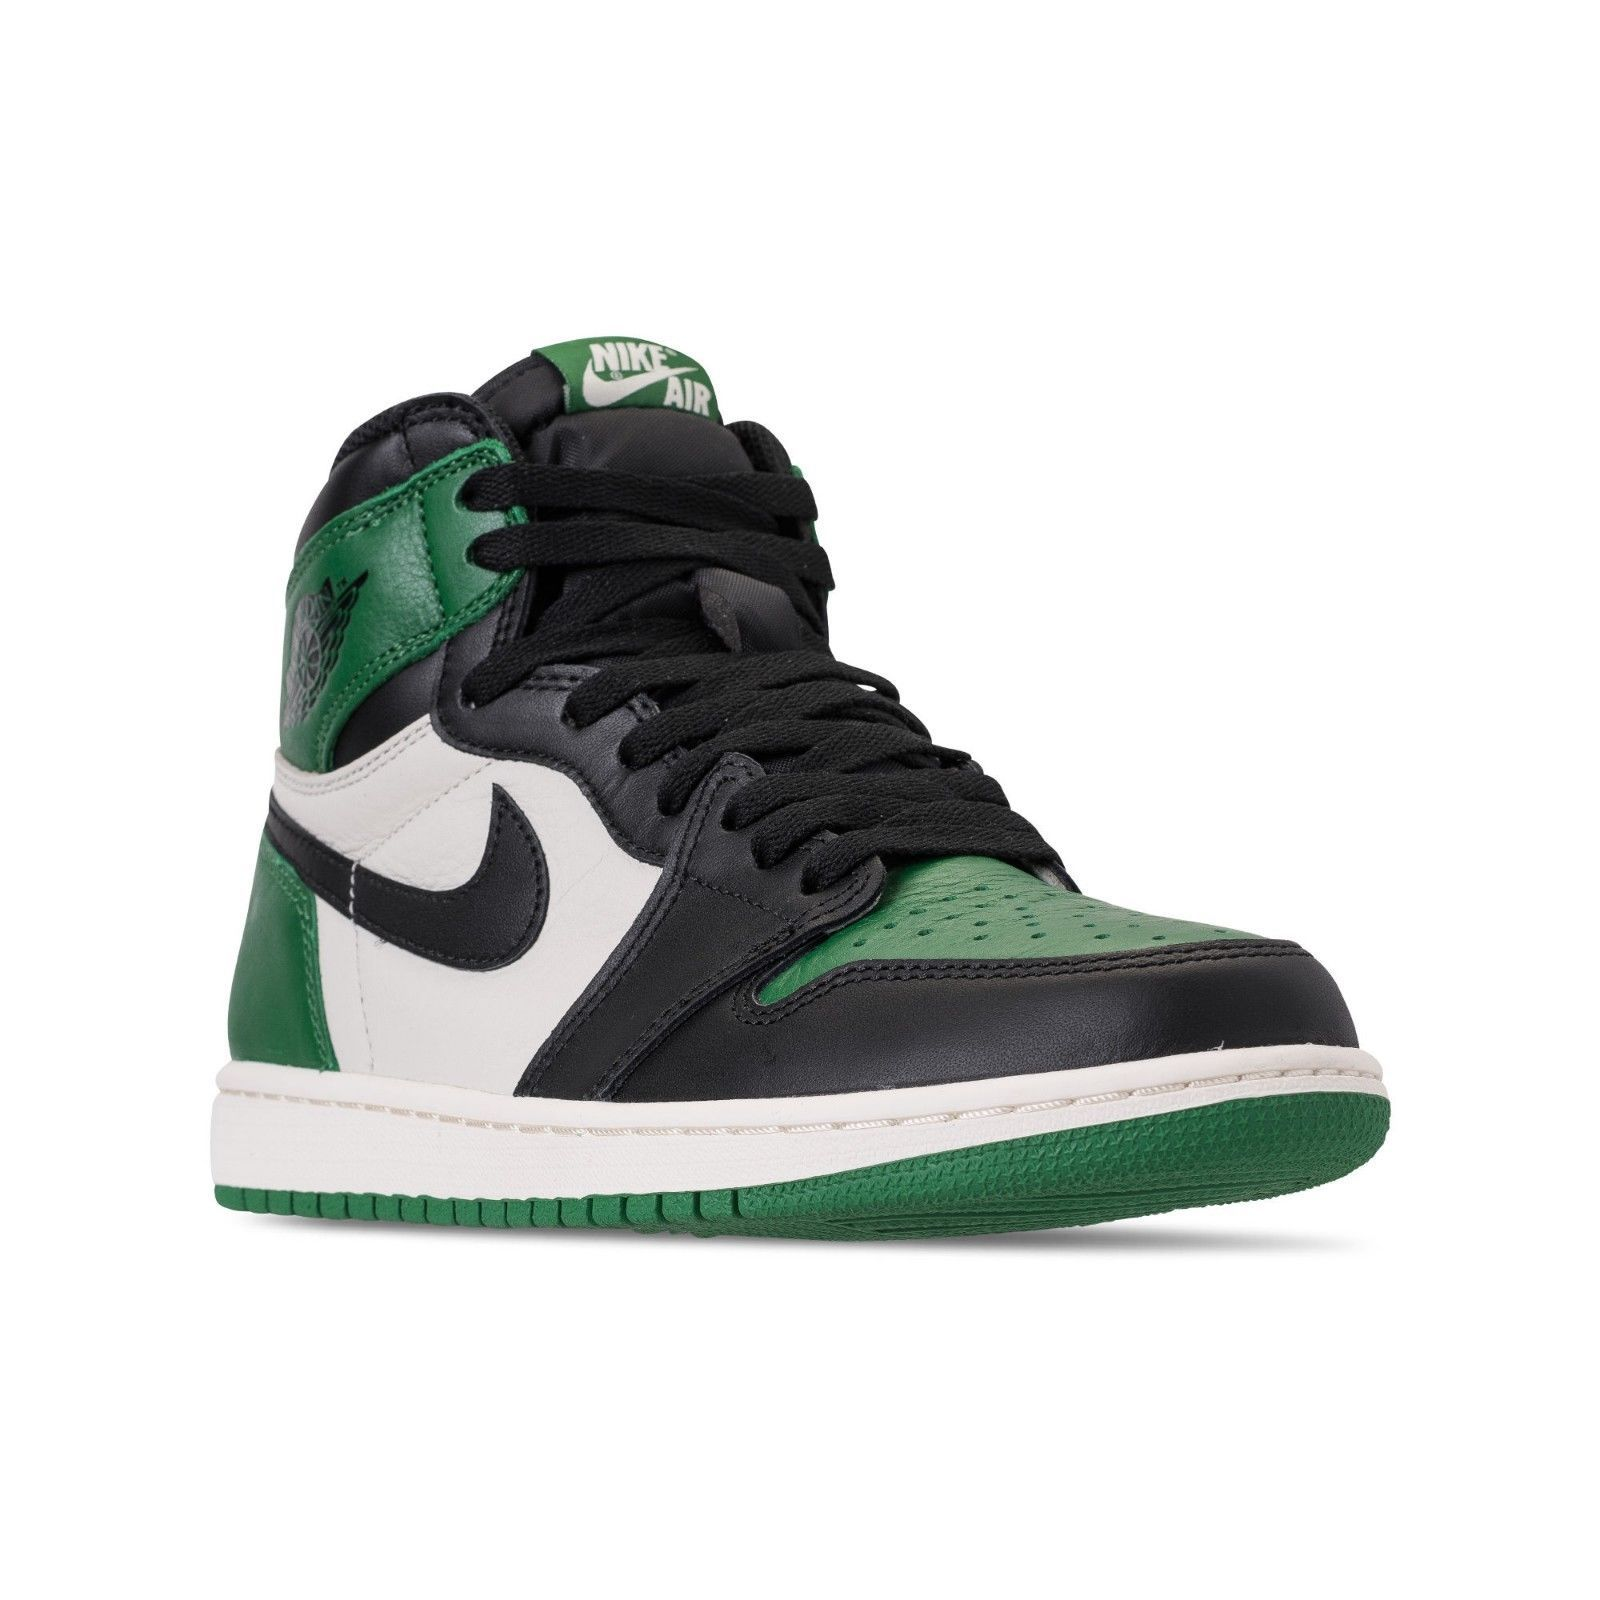 44382a11d509 Details about Air Jordan 1 Pine Green Retro High OG 555088 302 ...